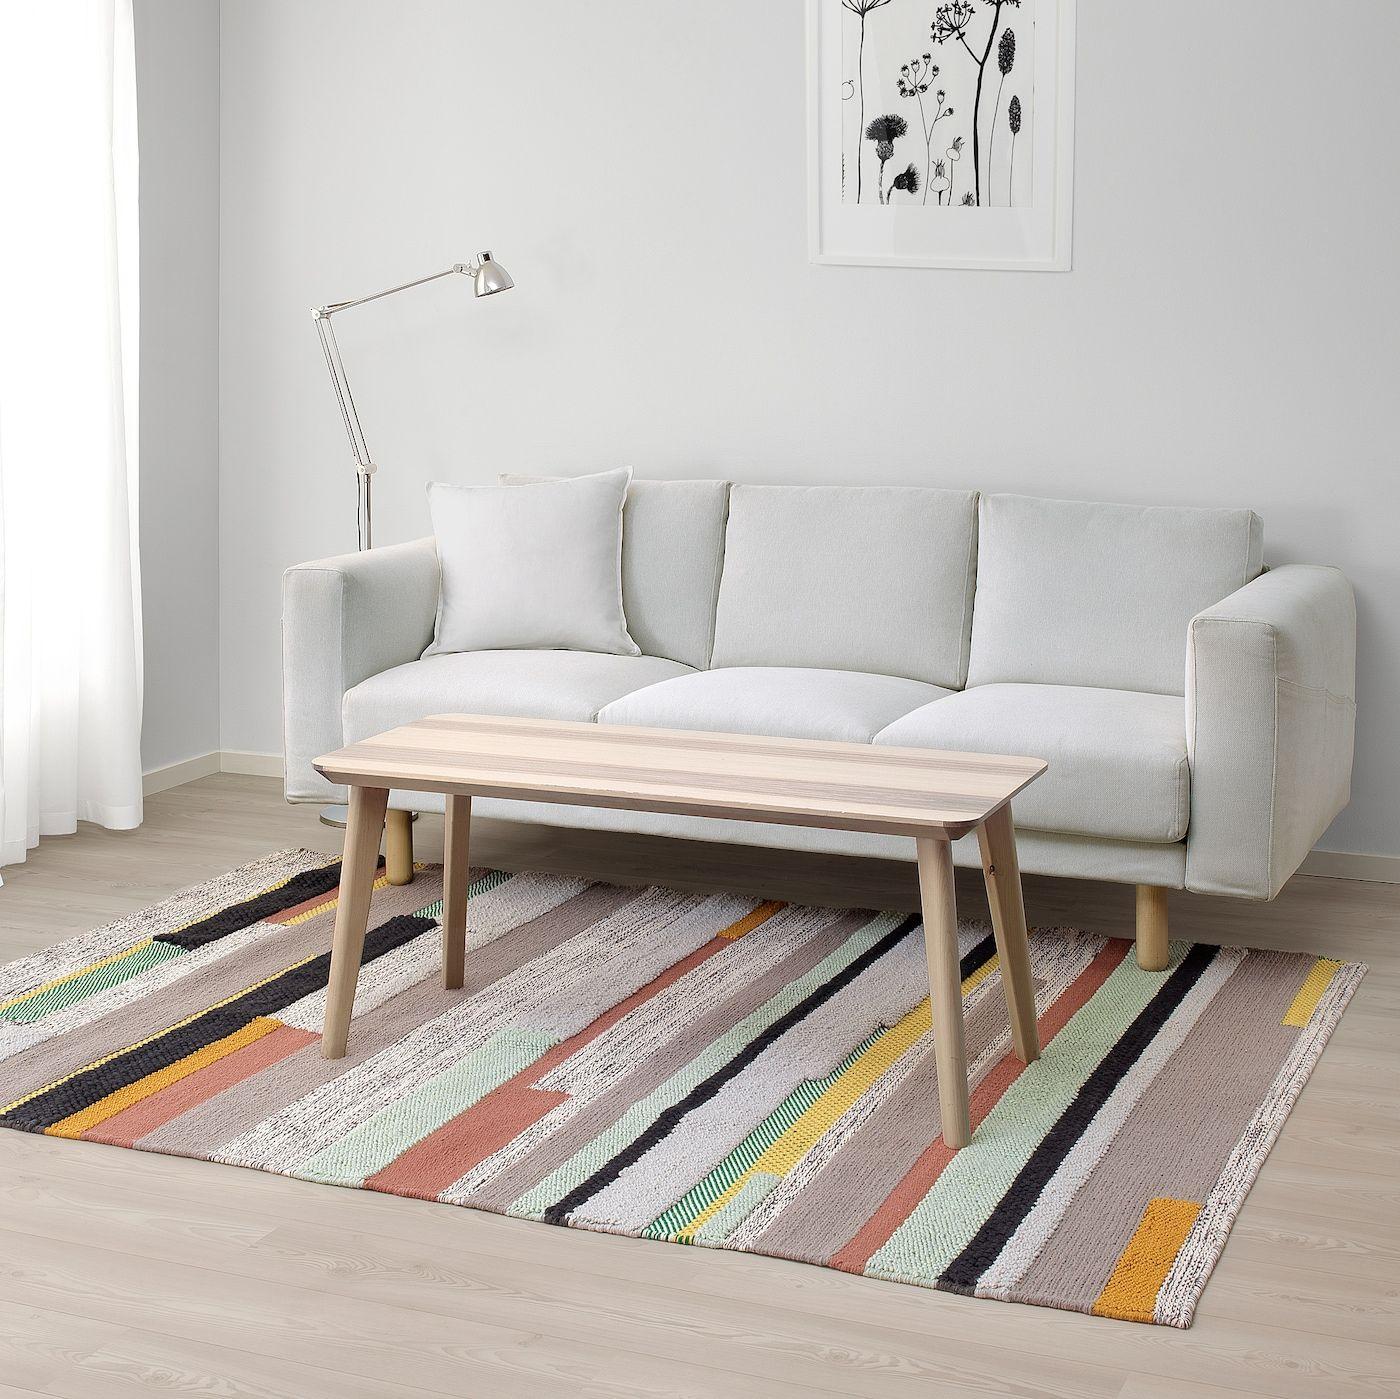 BrÖnden Teppich Kurzflor Handarbeit Bunt 170x240 Cm Ikea Österreich Ikea Teppich Handgemachte Wohndekoration Teppich Reinigen